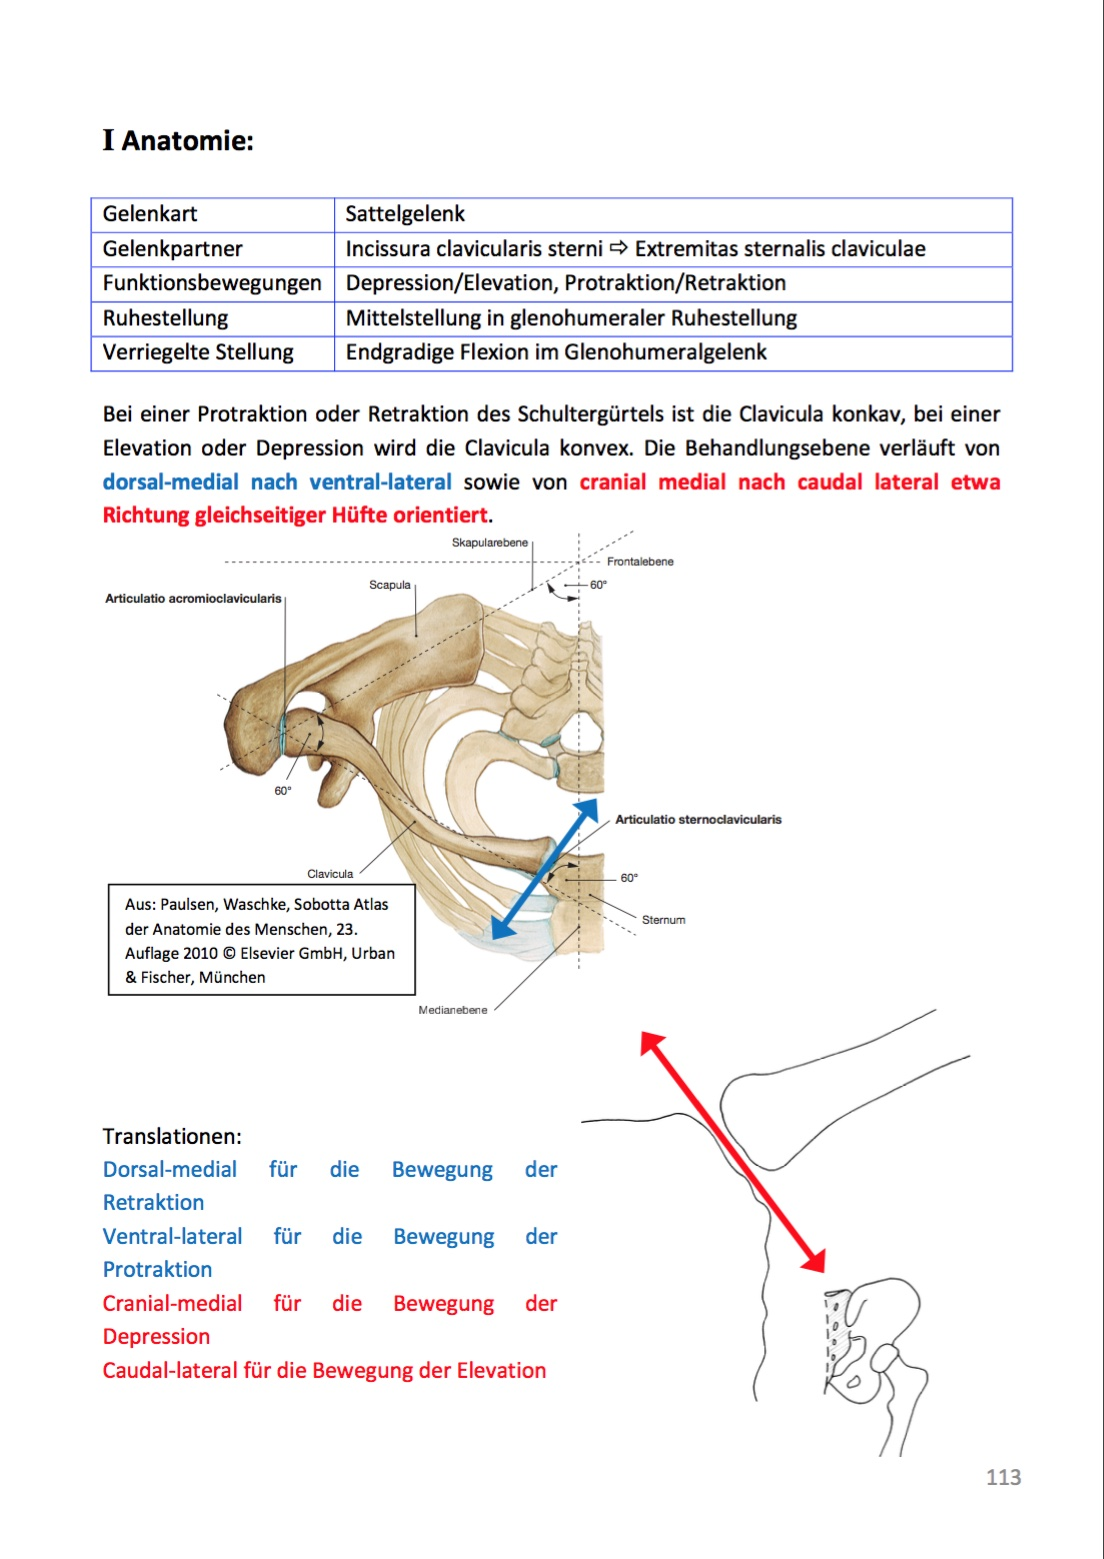 Groß Elevation Und Depression Anatomie Fotos - Anatomie Ideen ...